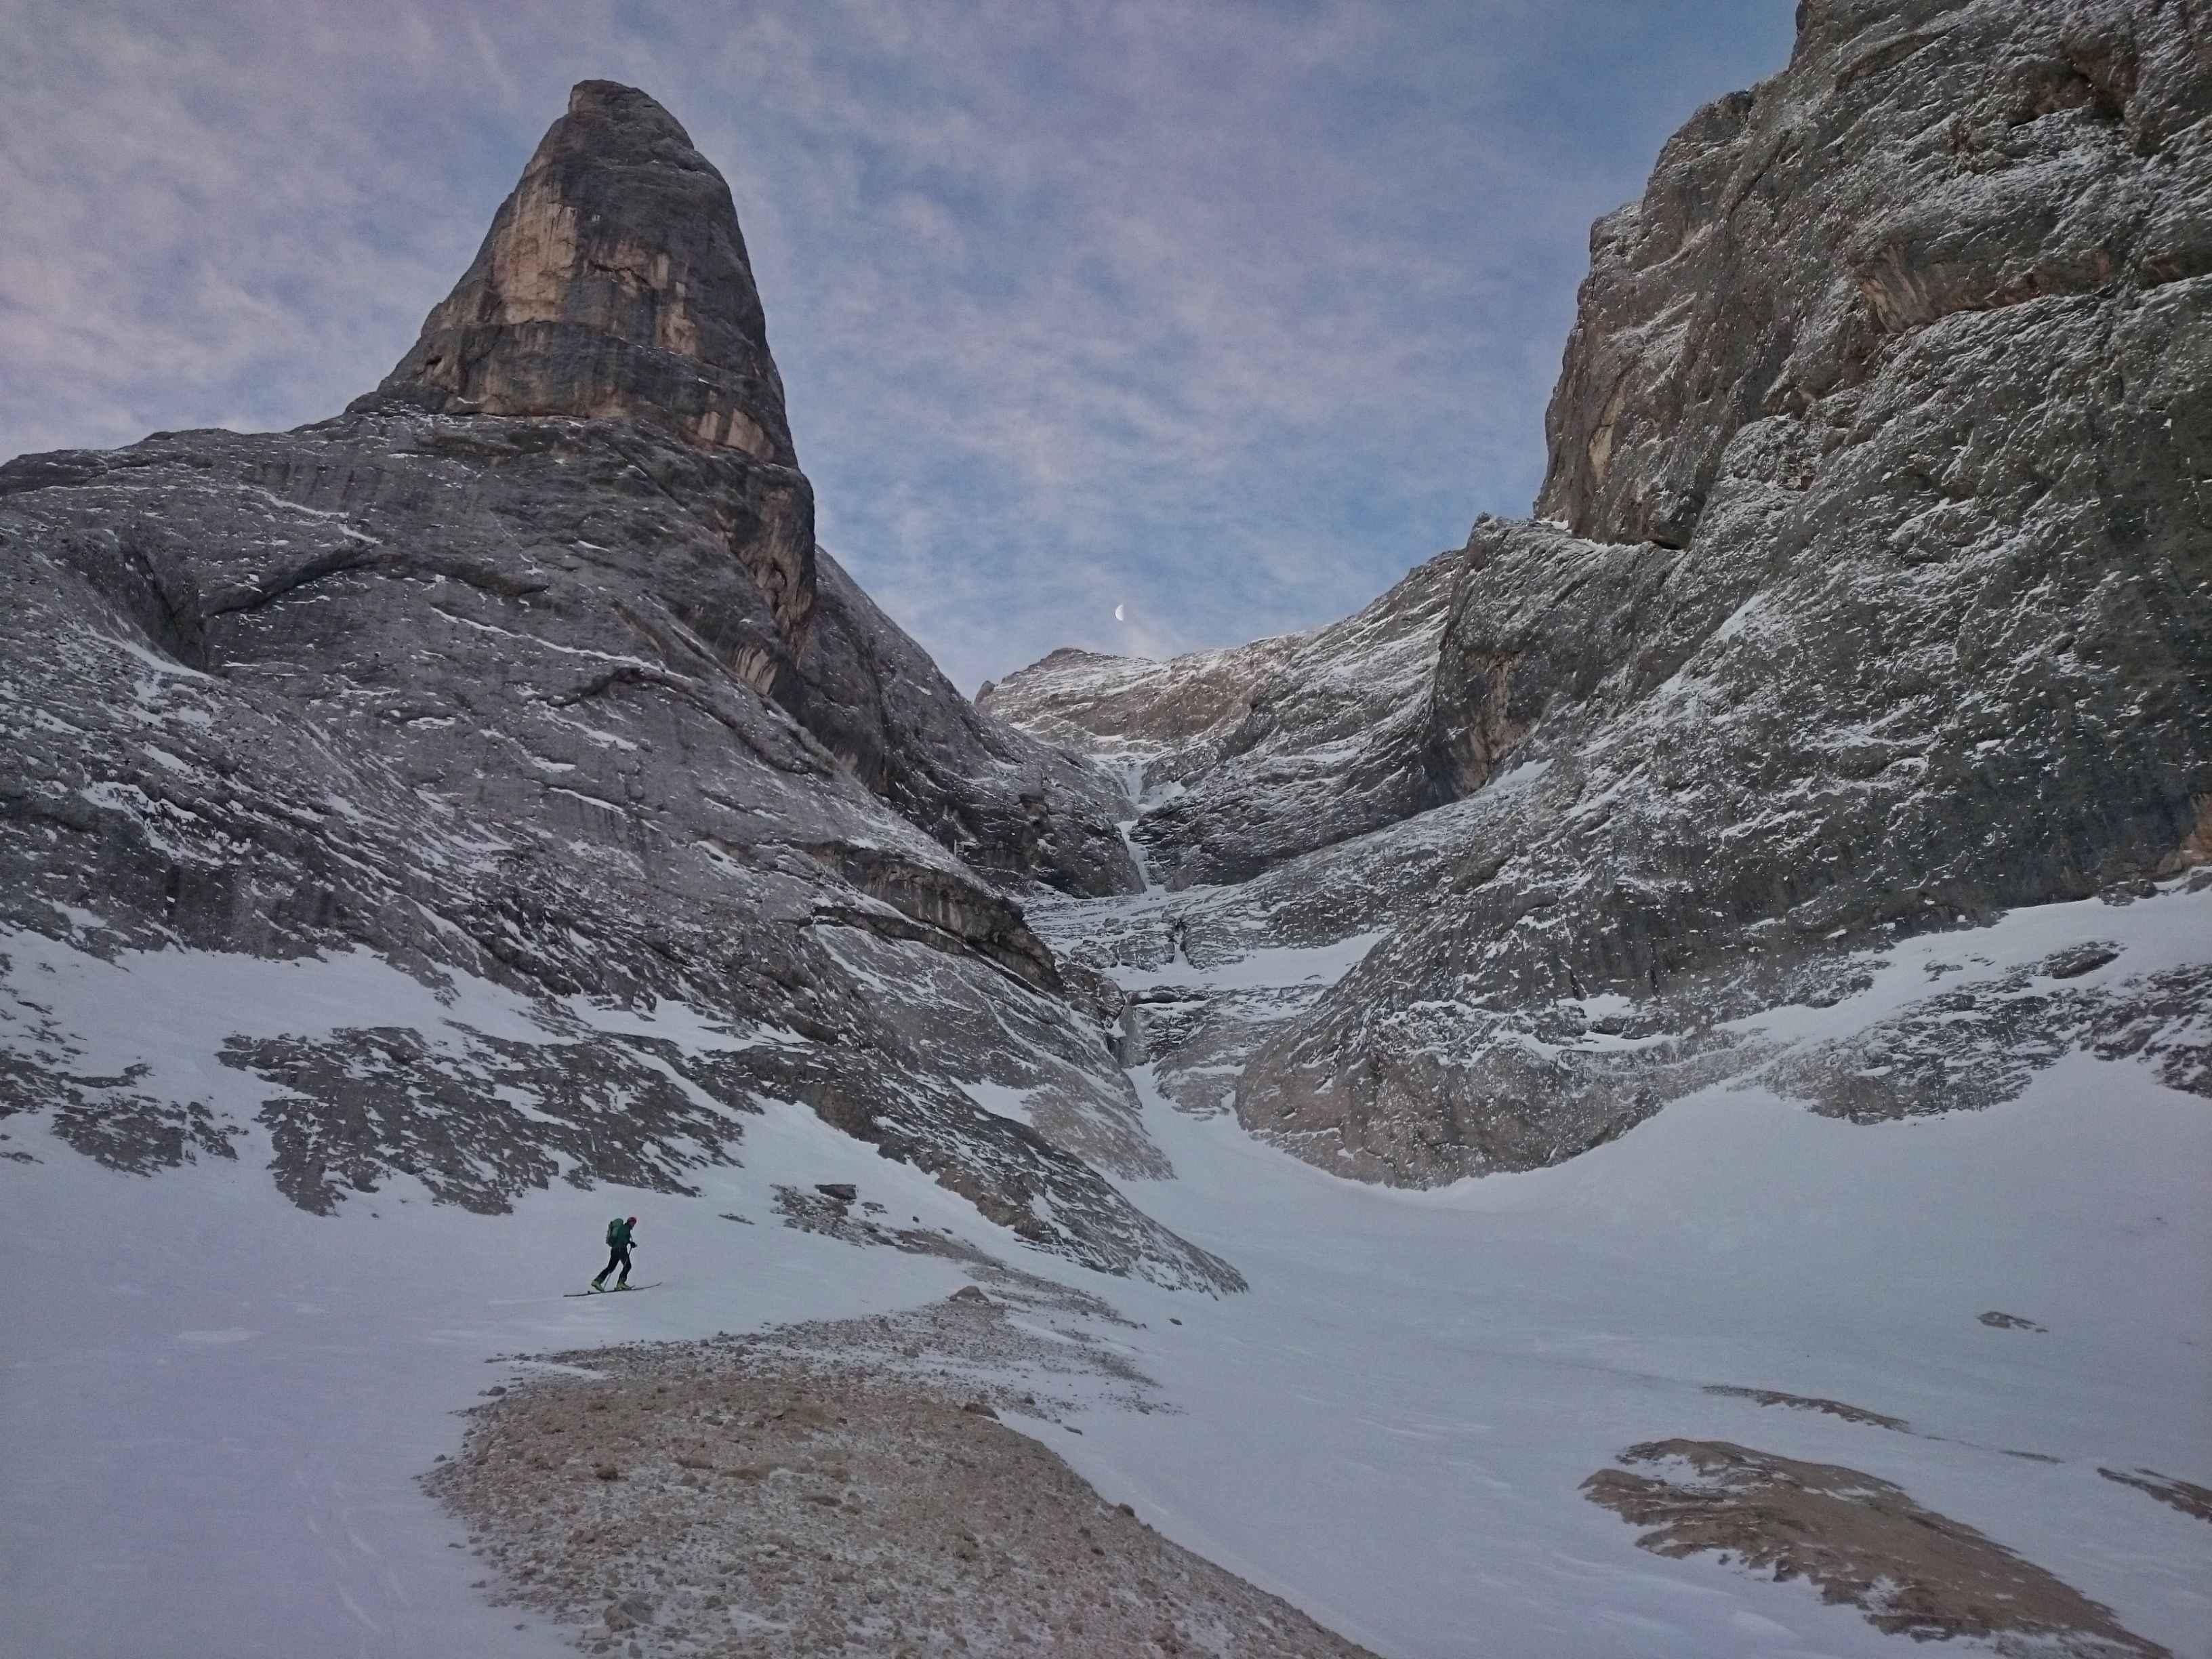 Lungo l'avvicnamento con gli sci per raggiungere il vallone Nrd-Est del Gran Vernel. In vista la colata ghiacciata che saliremo